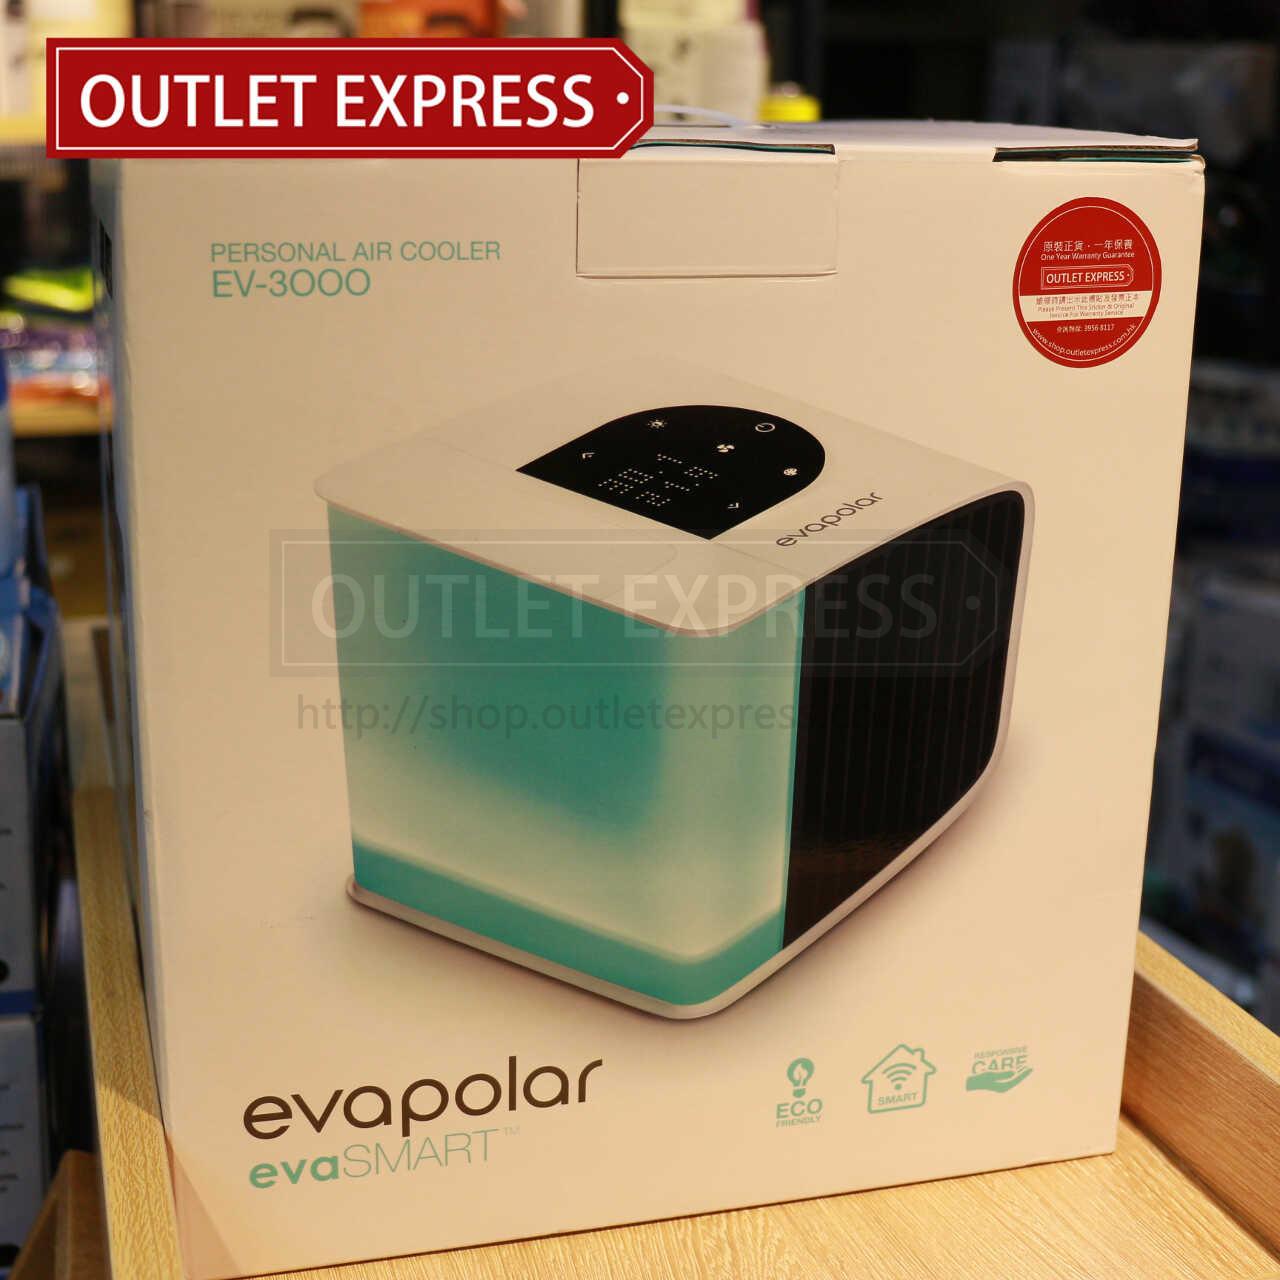 Evapolar 二代小型個人流動冷氣機 (evaSMART EV-3000) | 智能水冷風機 ( 現貨發售 ) | 香港行貨 包裝外盒- Outlet Express HK生活百貨城實拍相片